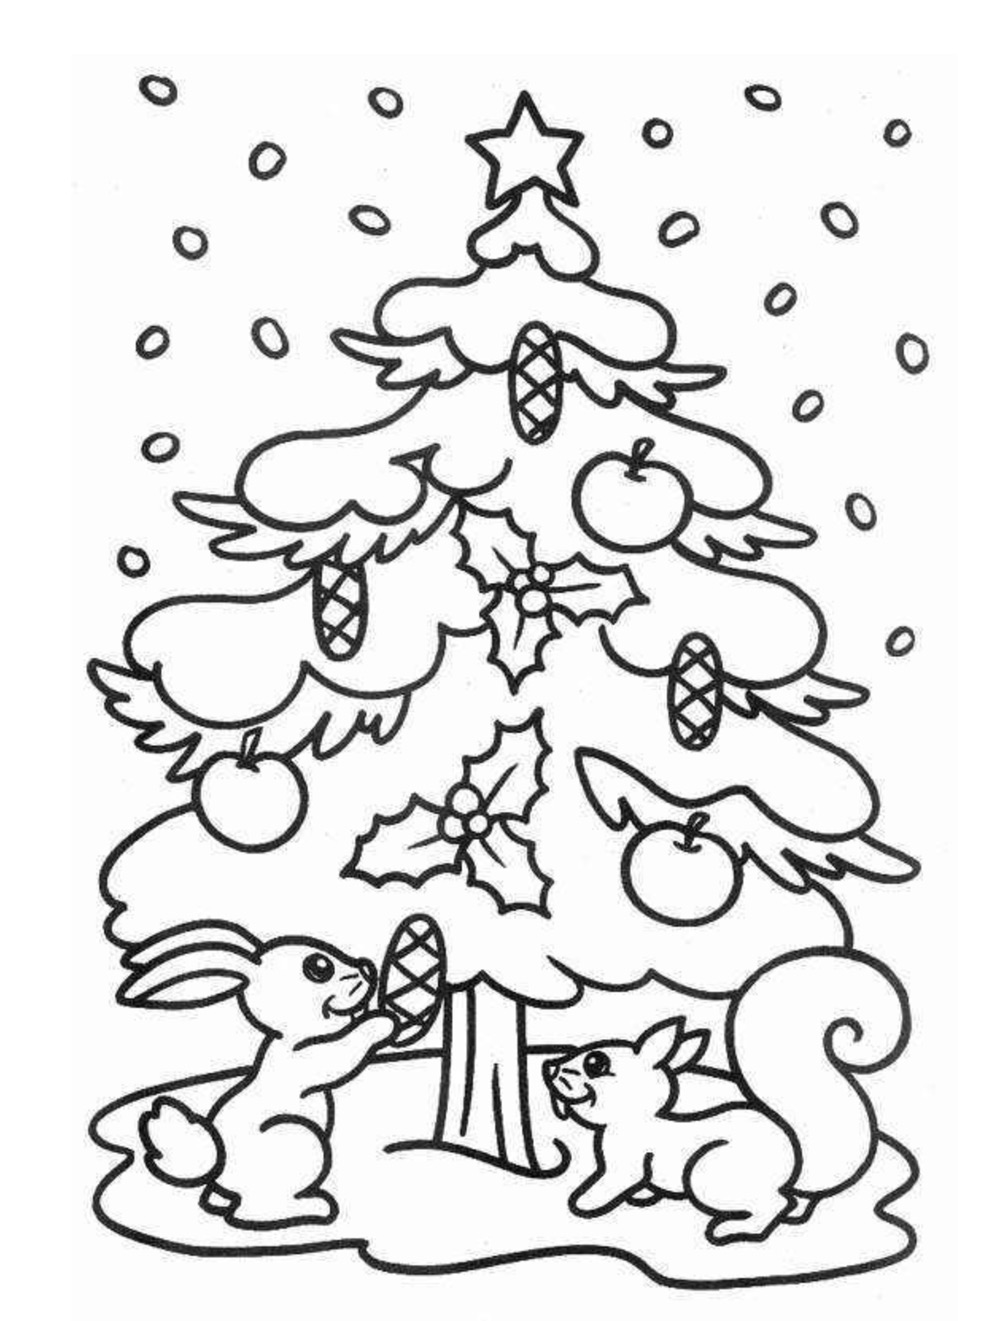 Dibujos Navideños para Colorear e Imprimir GRATIS ✿